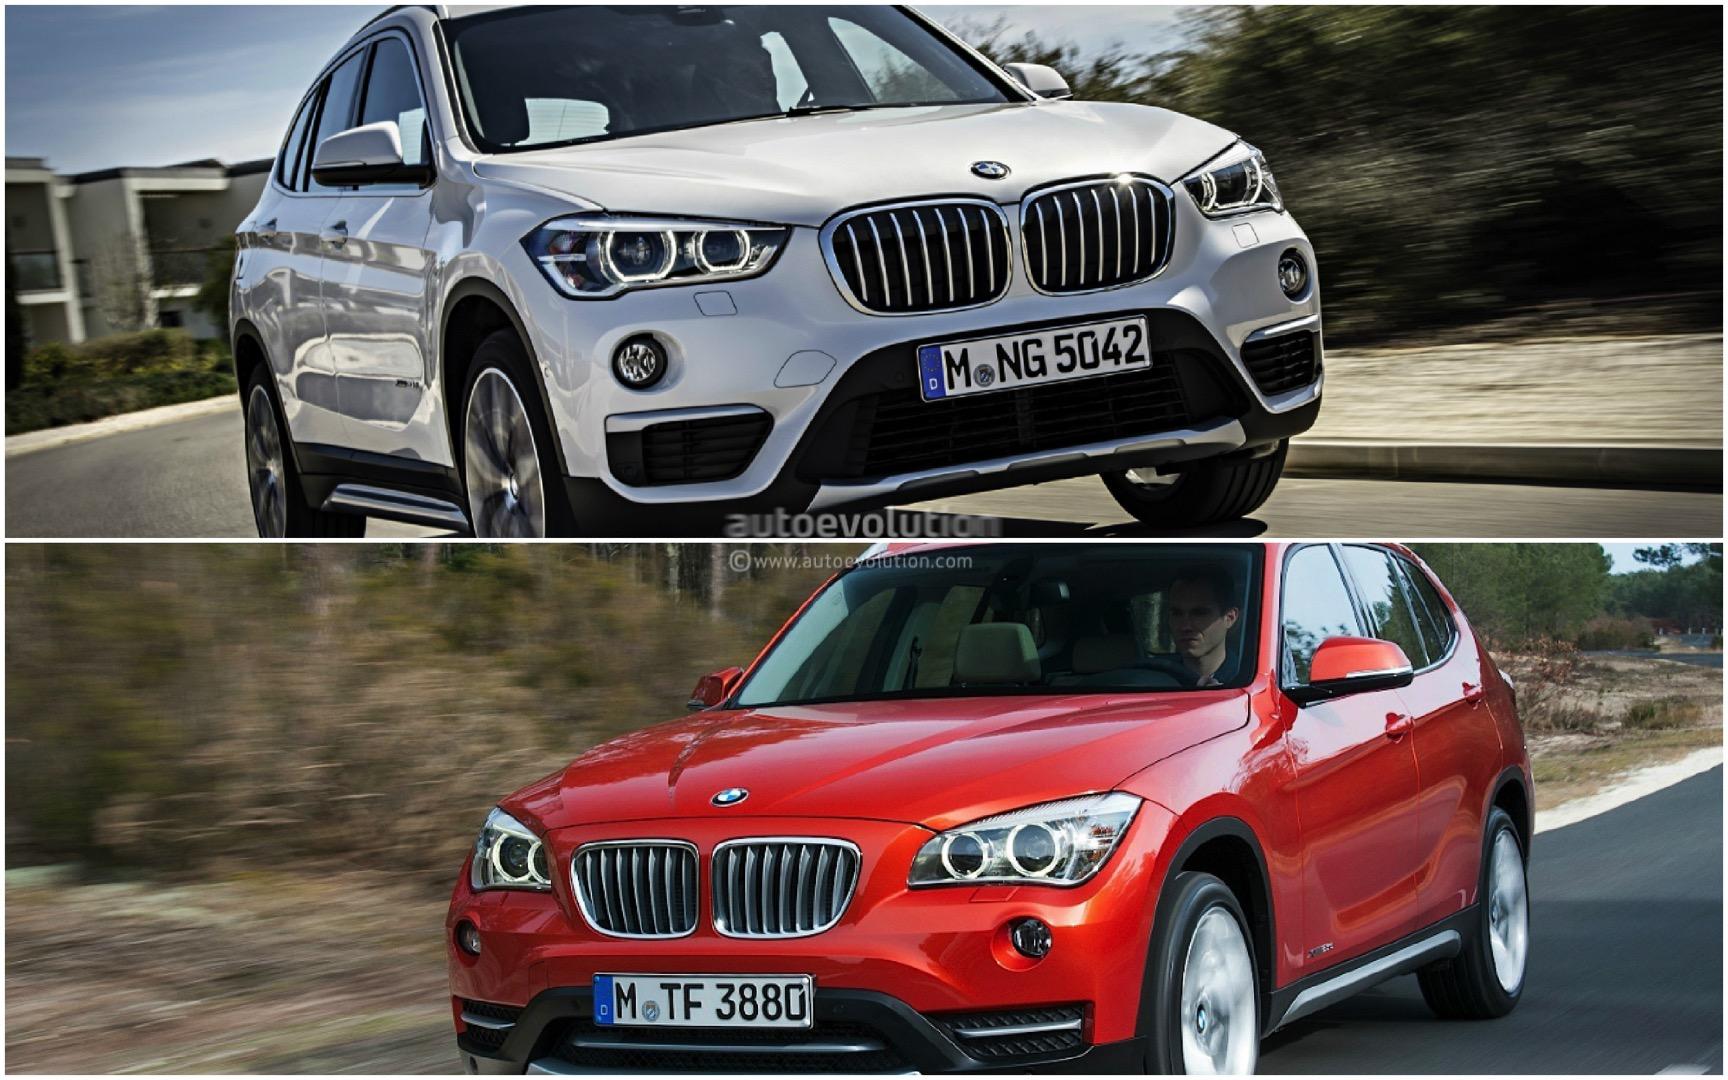 2016 bmw f48 x1 vs bmw e84 x1 photo comparison